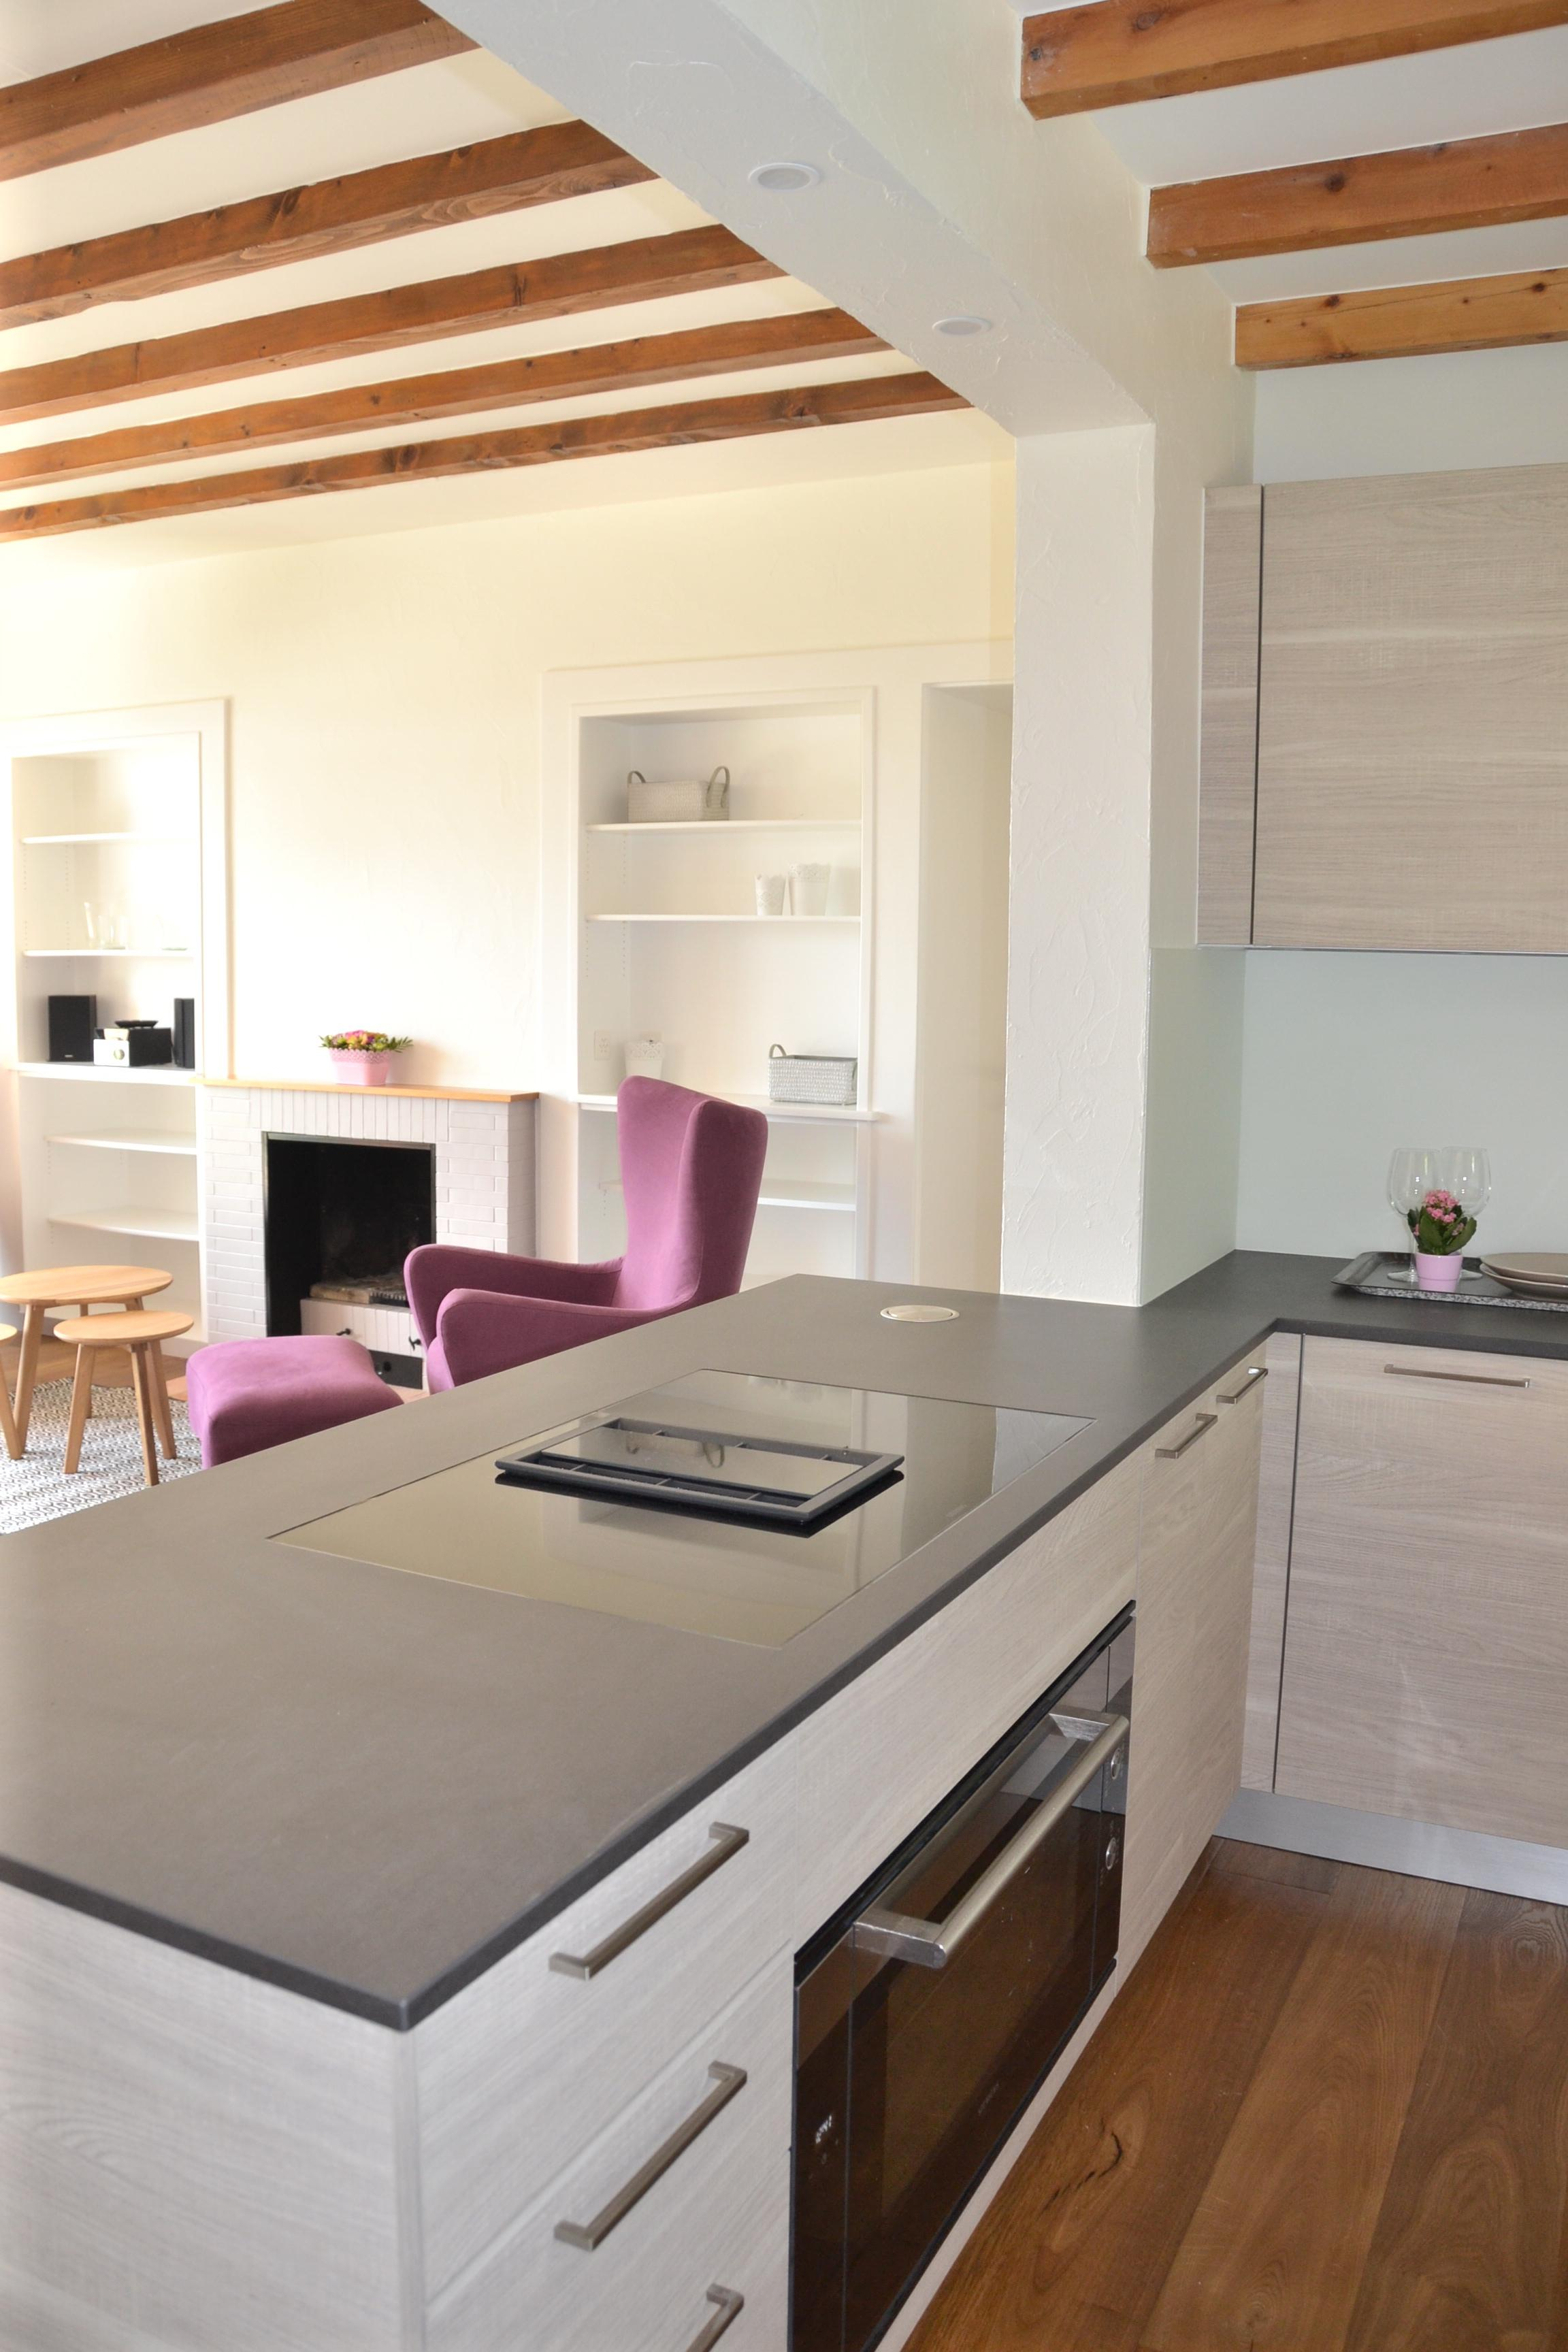 renovieren • bilder & ideen • couchstyle, Wohnzimmer